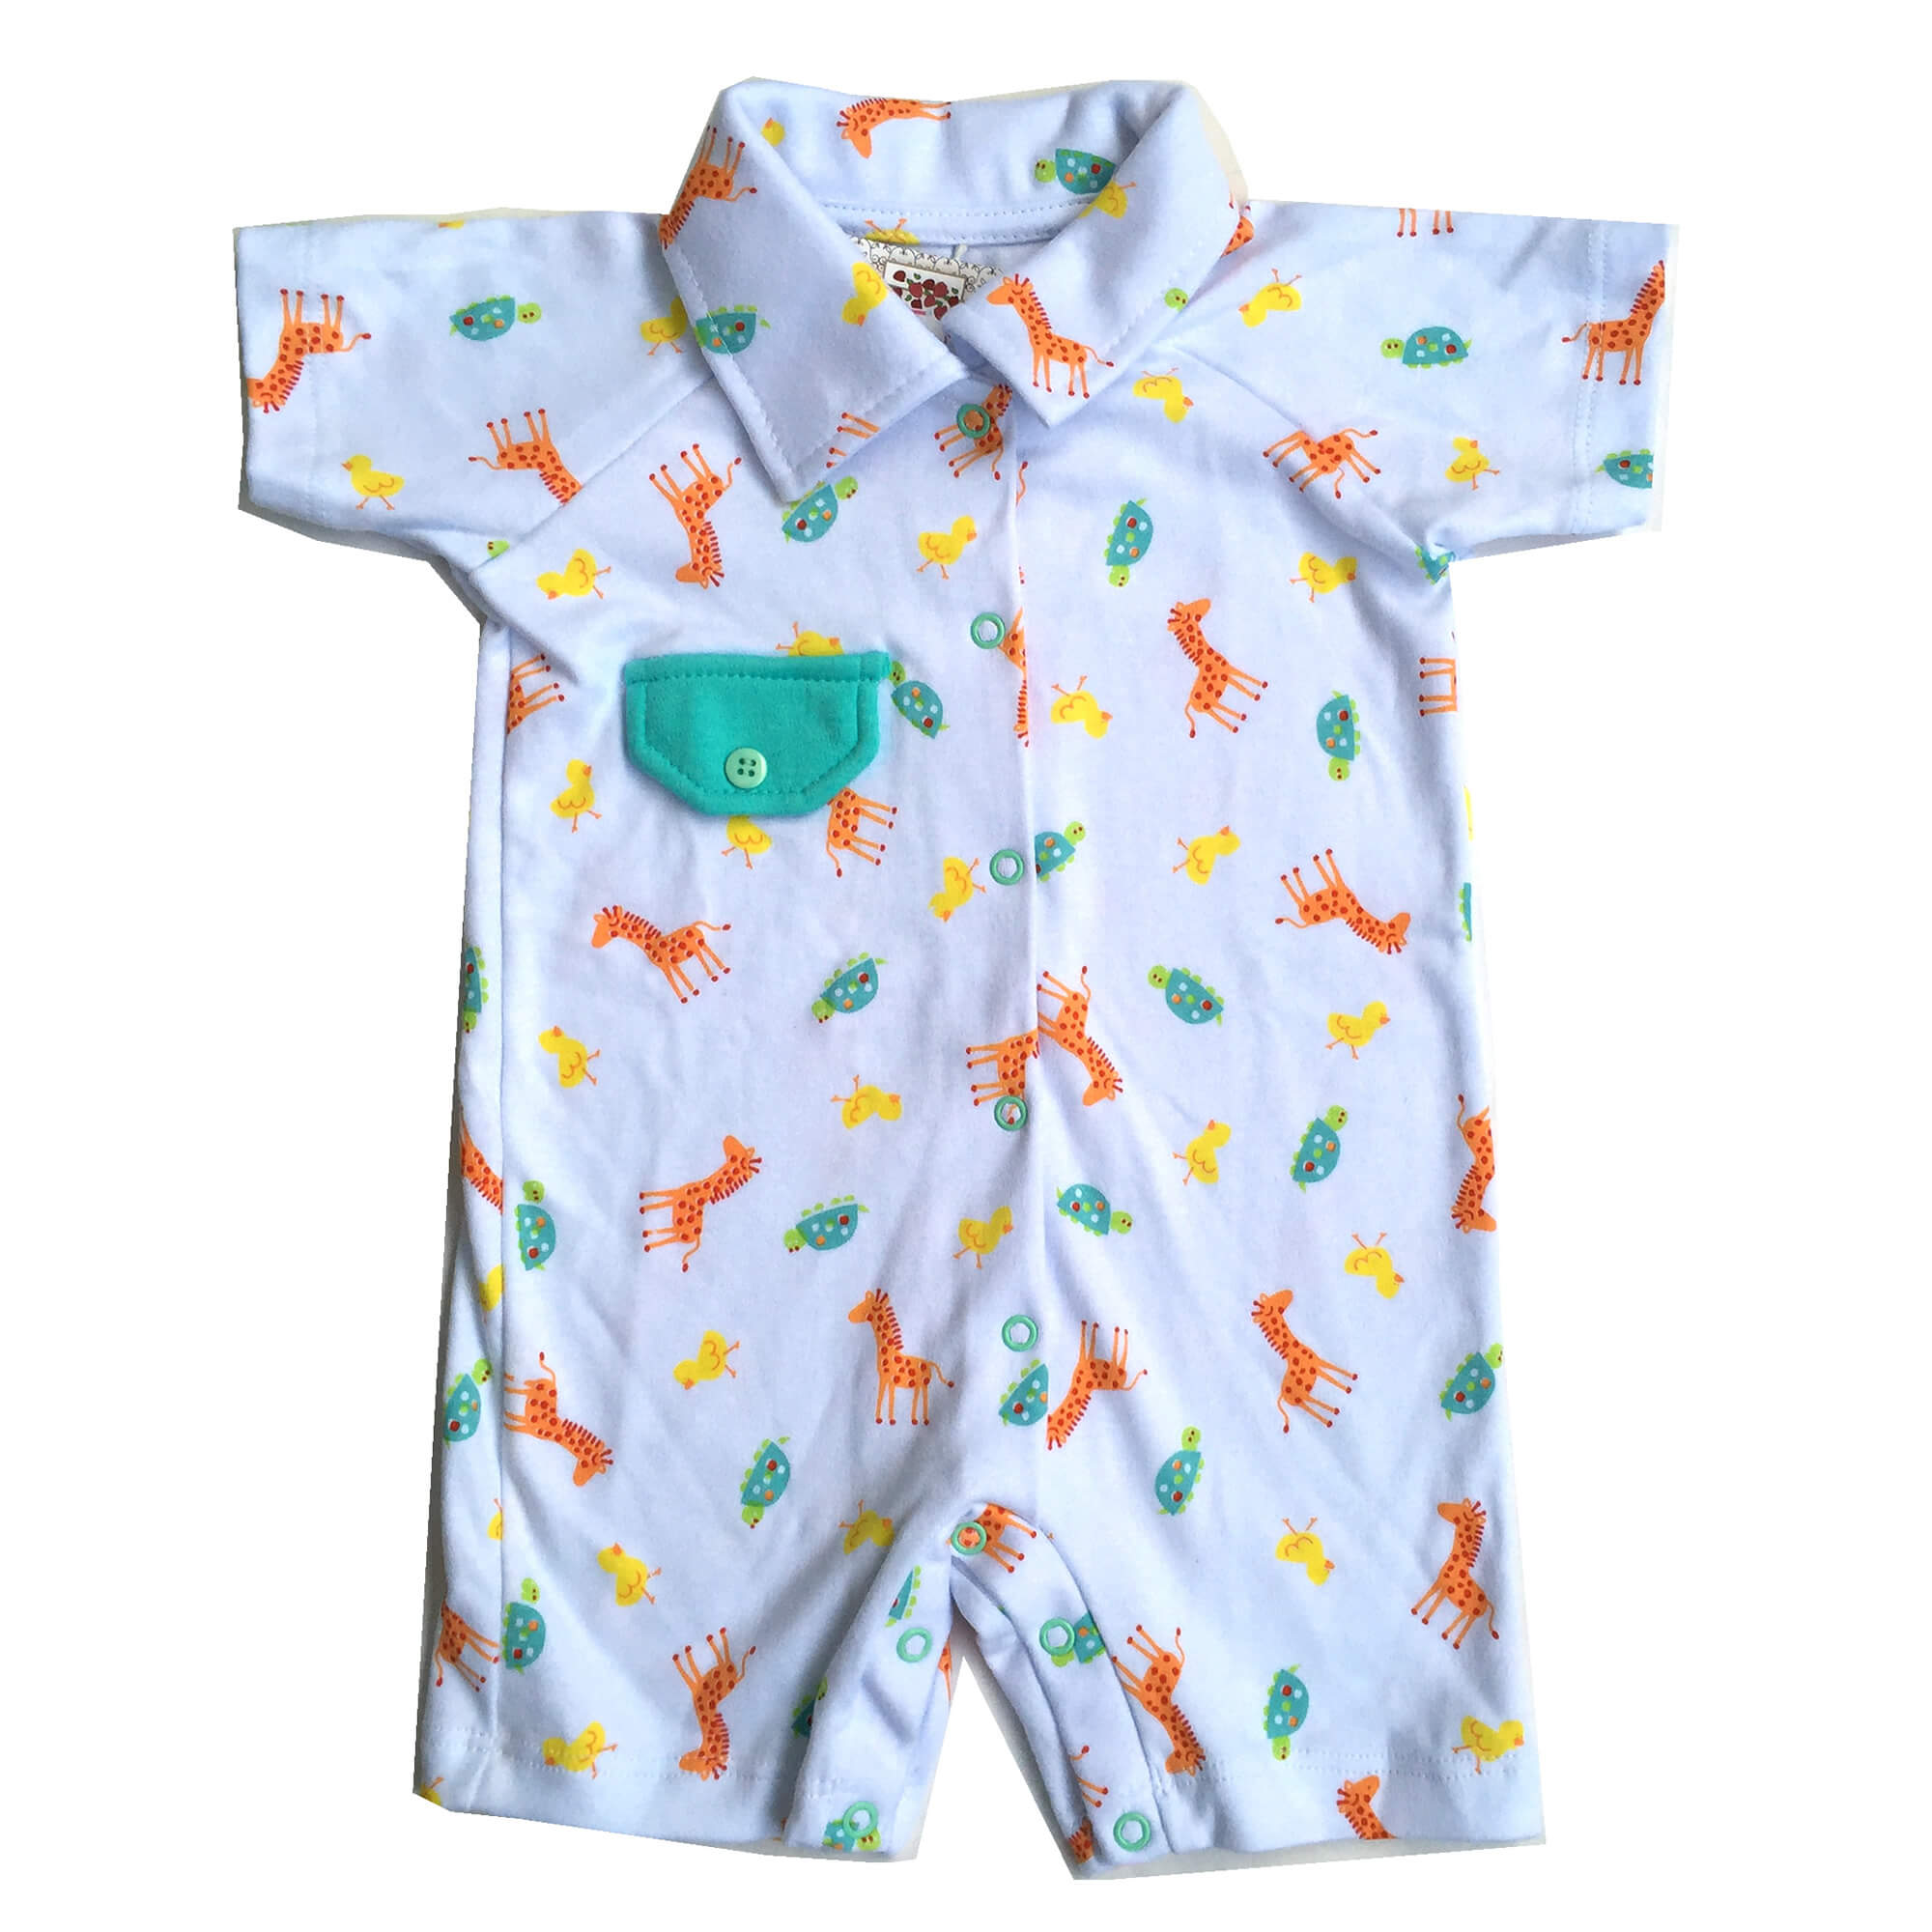 Macacão Curto Manga Curta Bebê Menino Girafinhas Coloridas Pirlipat